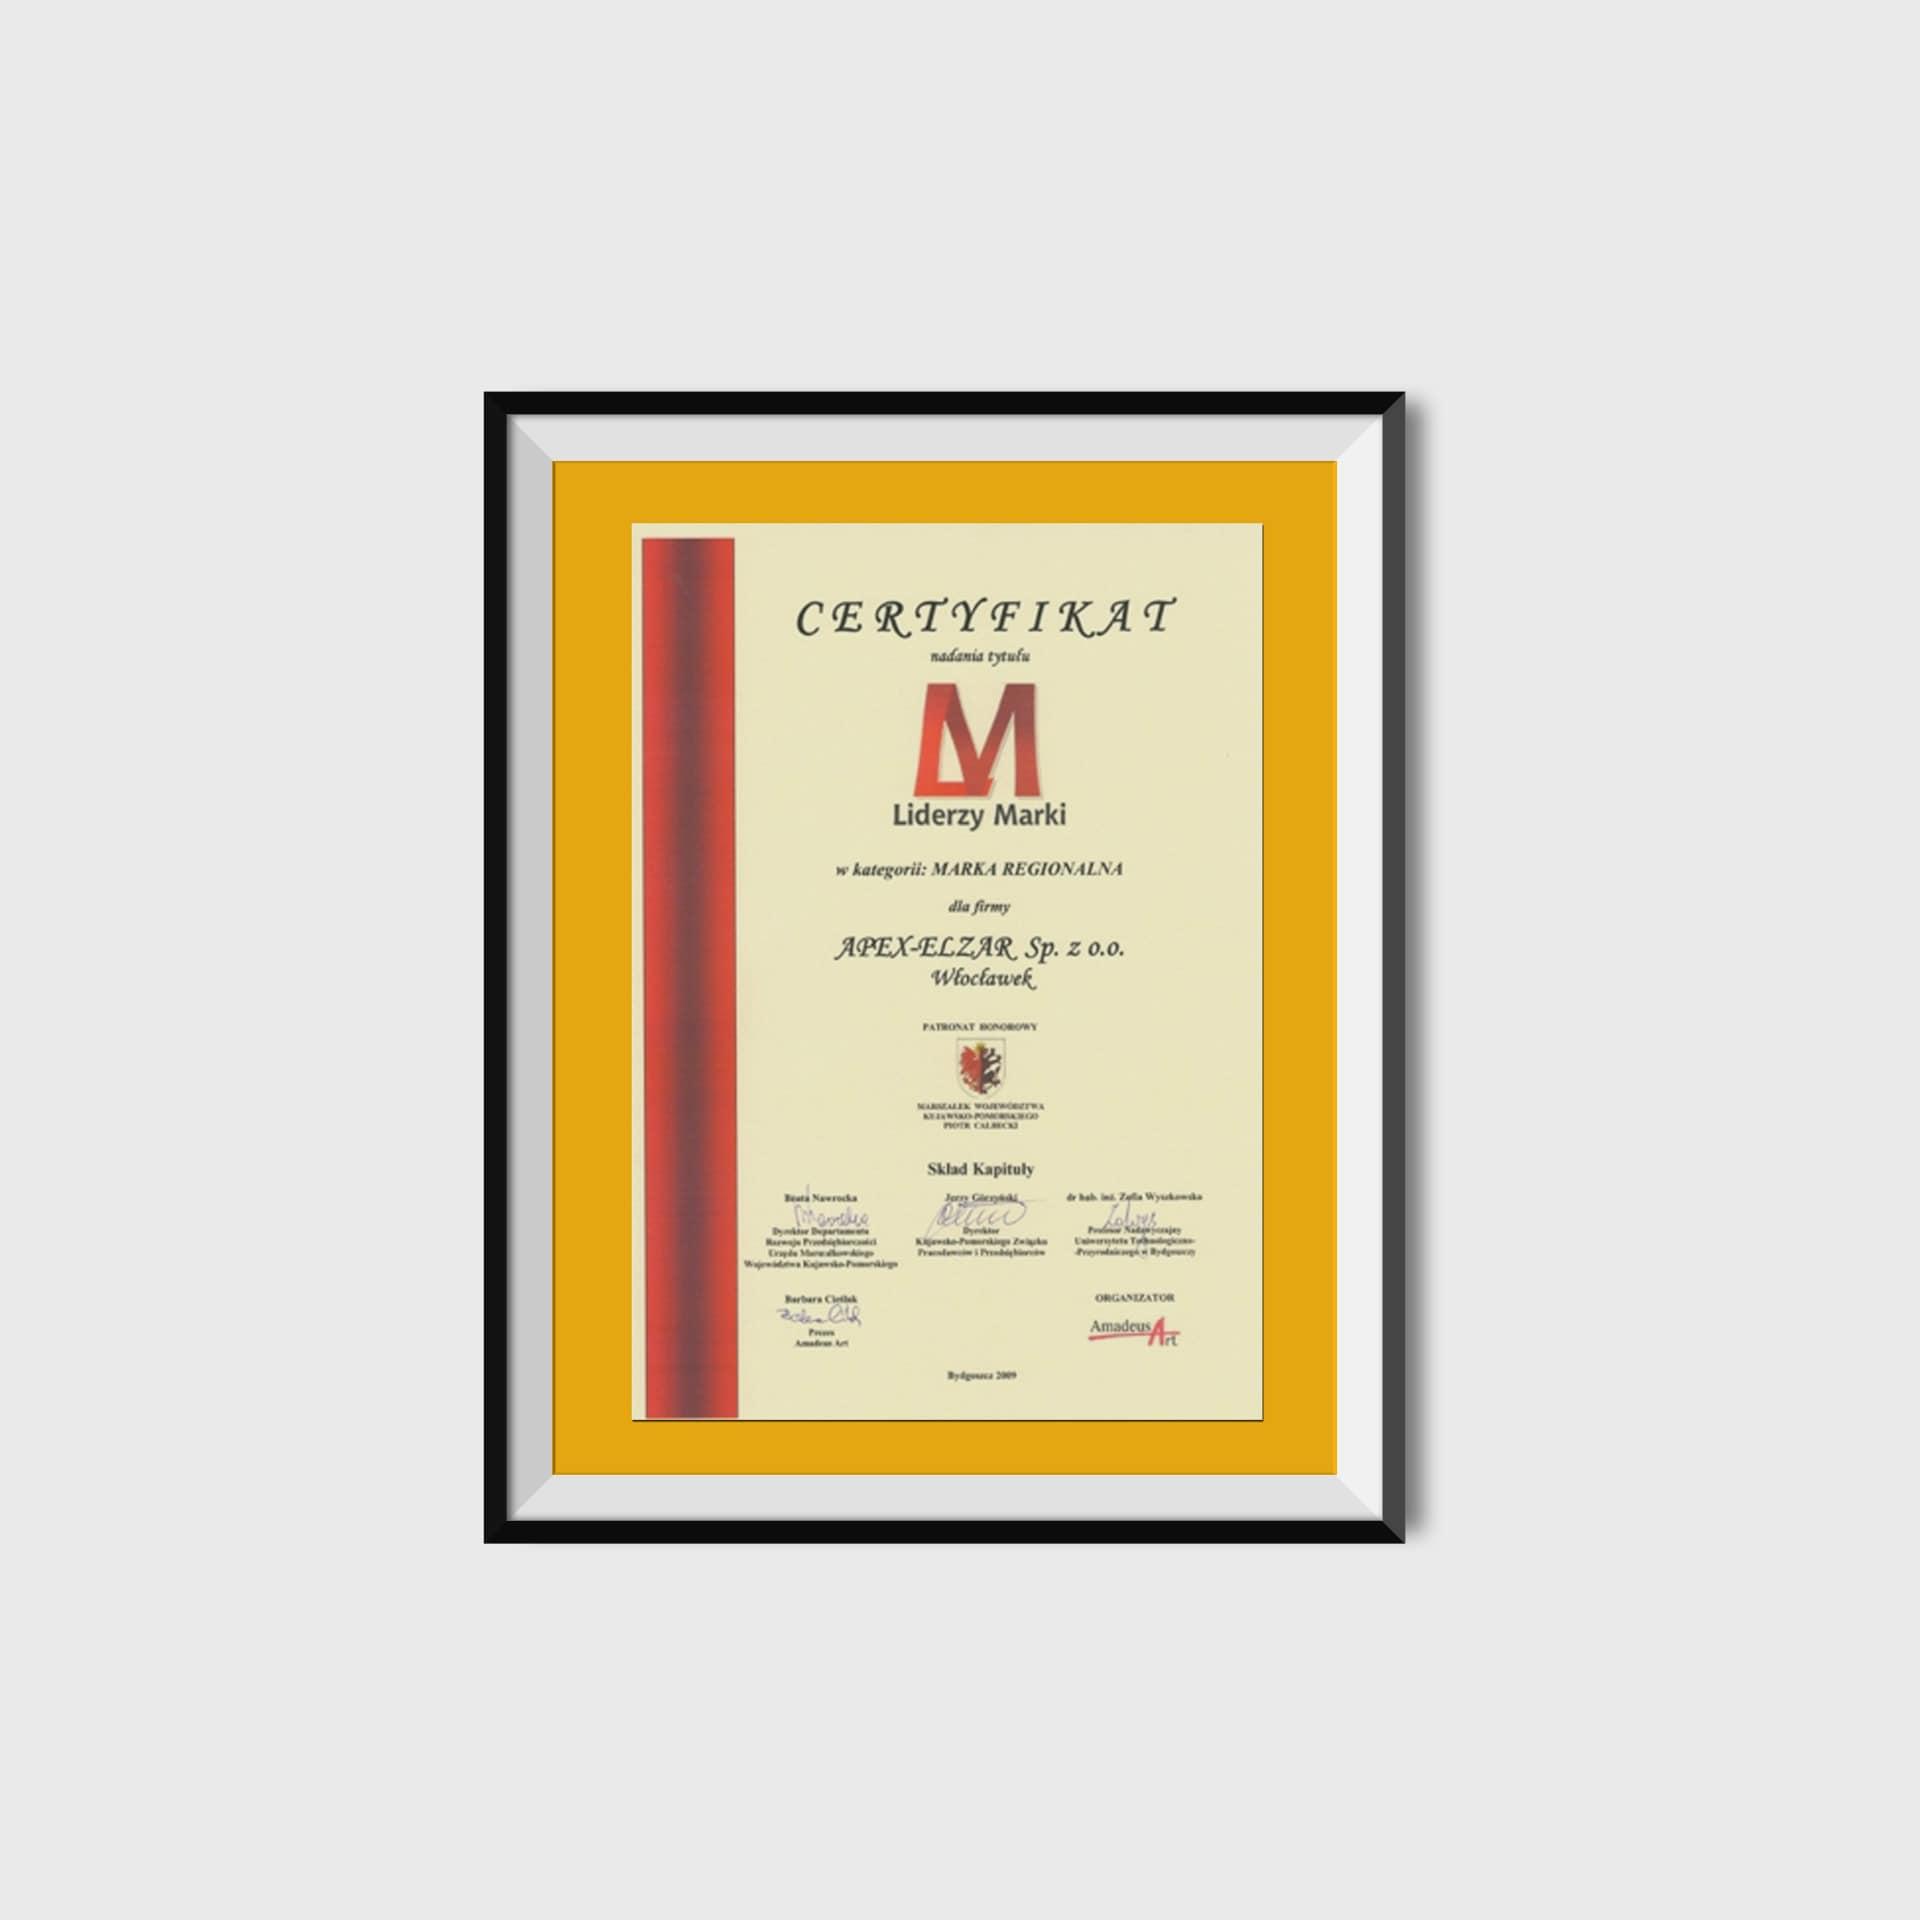 Certyfikat Liderzy Marki w kategorii Marka Regionalna<br/>2009